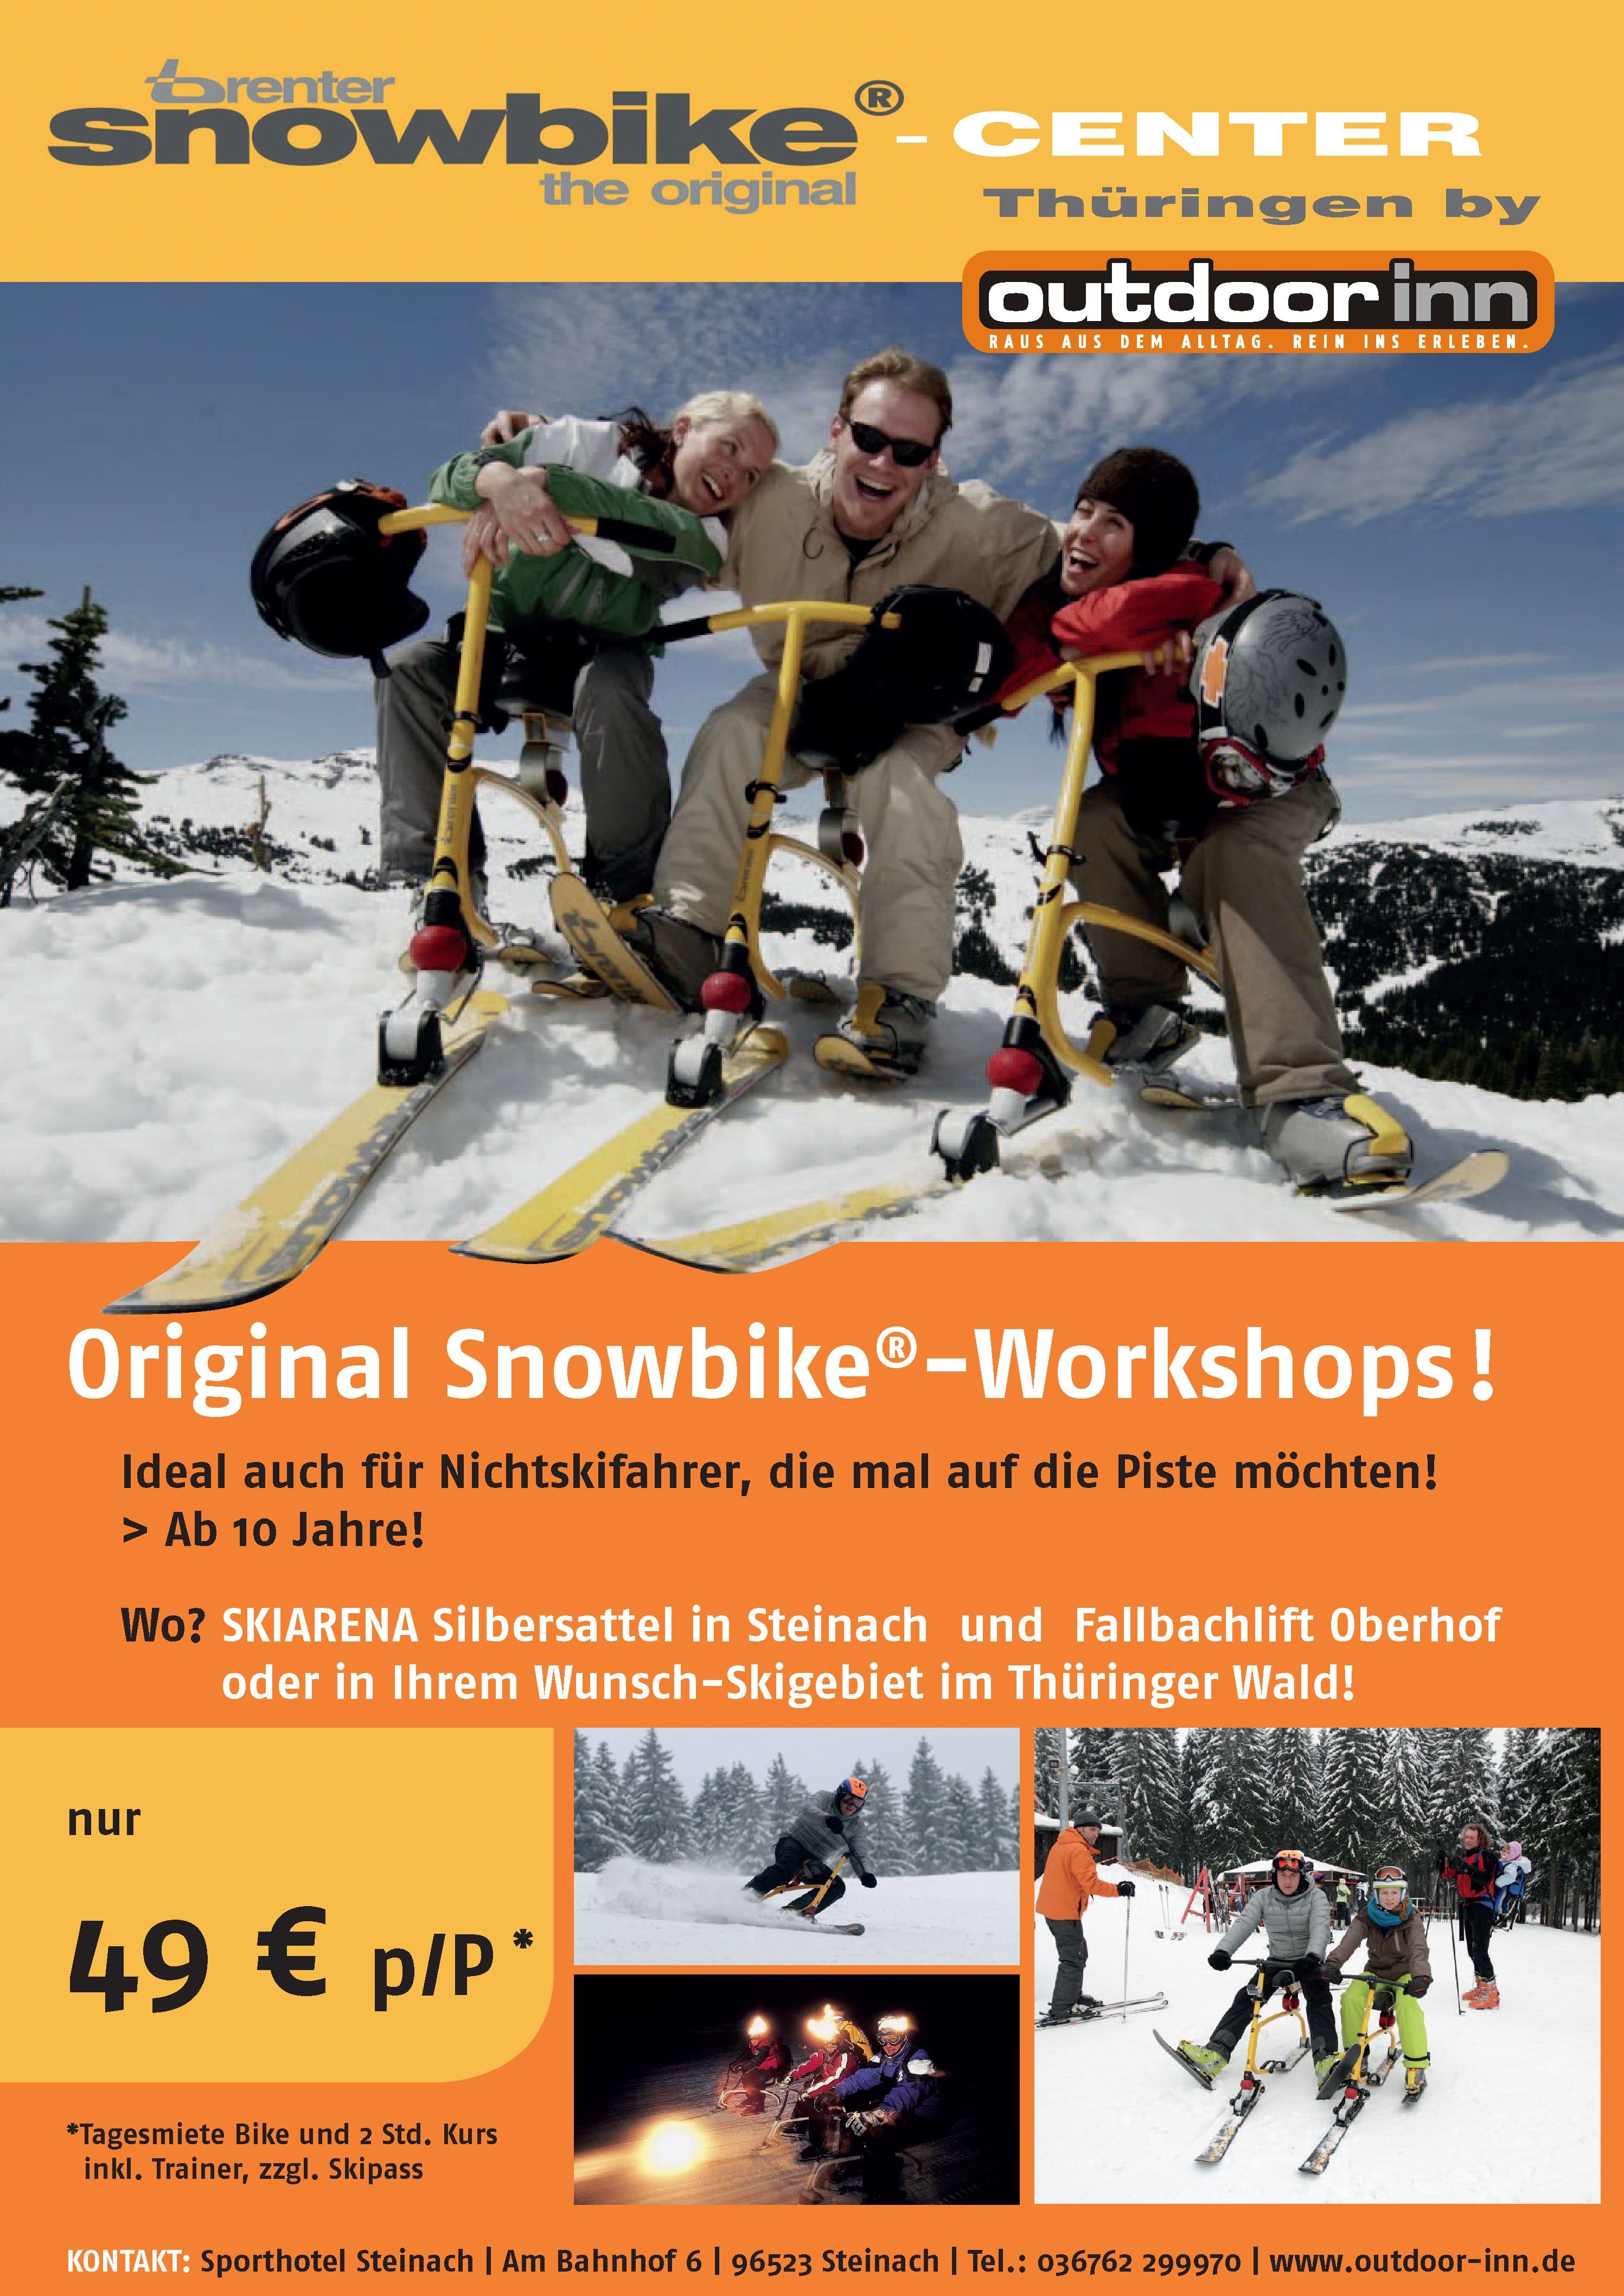 Plakat Snowbike Workshops vom outddor inn in der Skiarena Silbersattel Steinach, am Fallbachlift Oberhof oder einem Wunsch-Skigebiet im Thüringer Wald